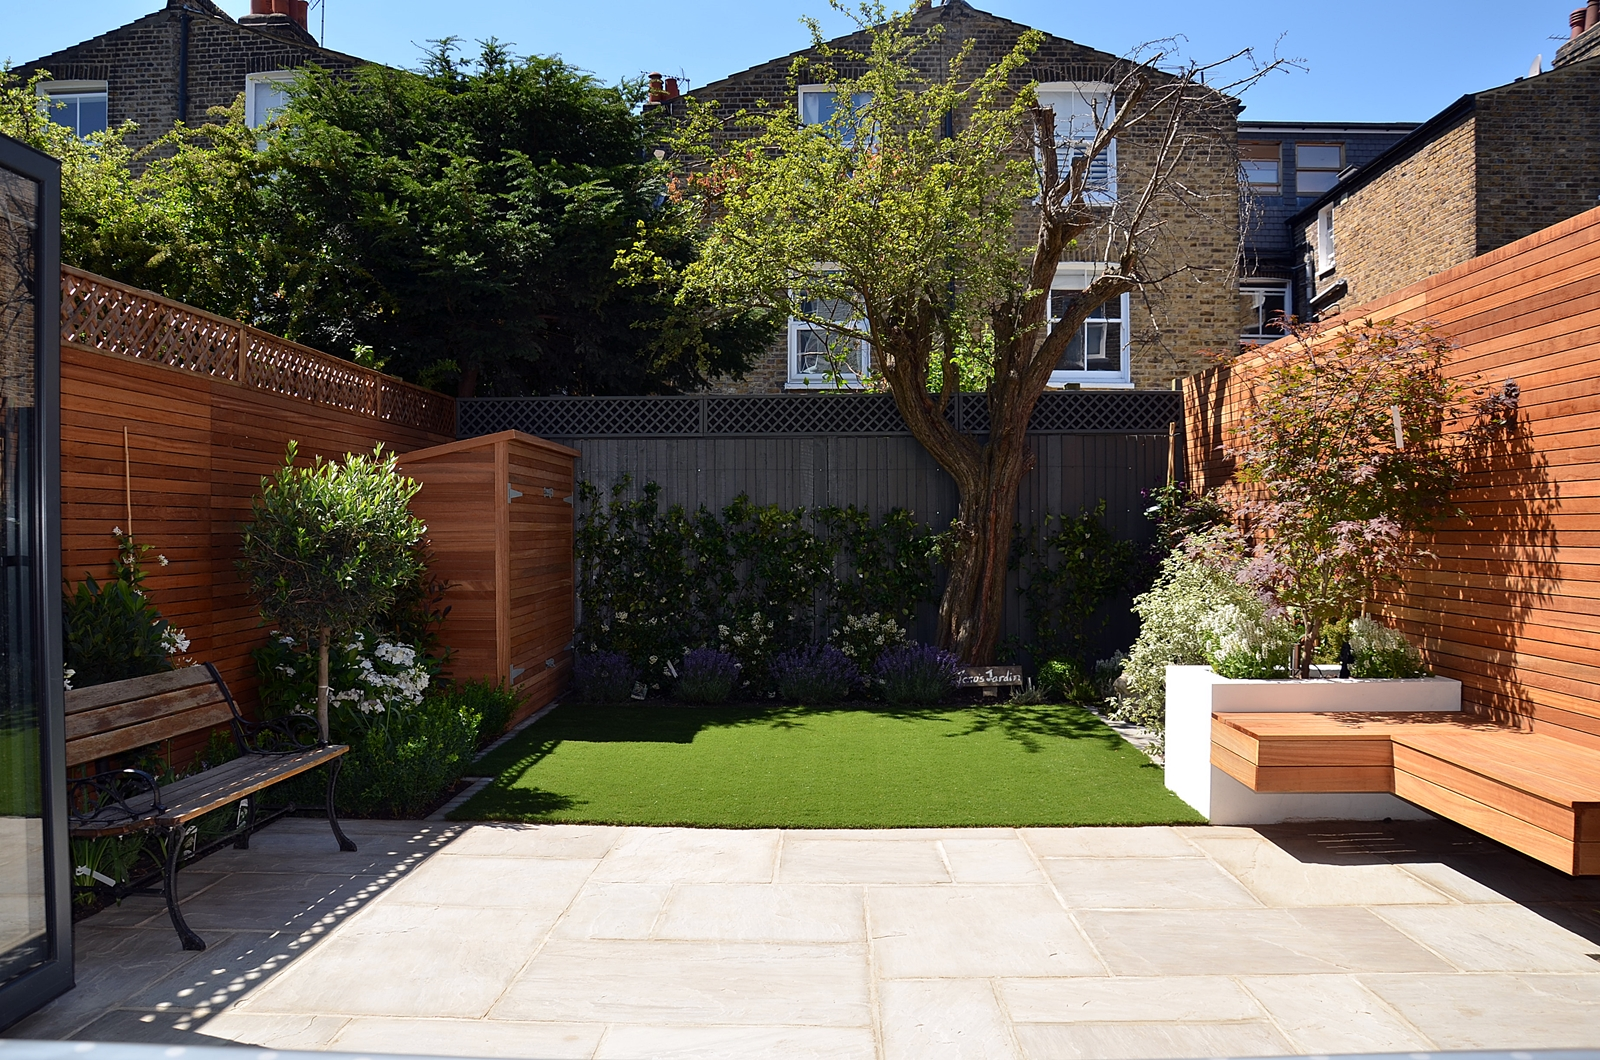 chelsea kensingon mayfair fulham garden design designer